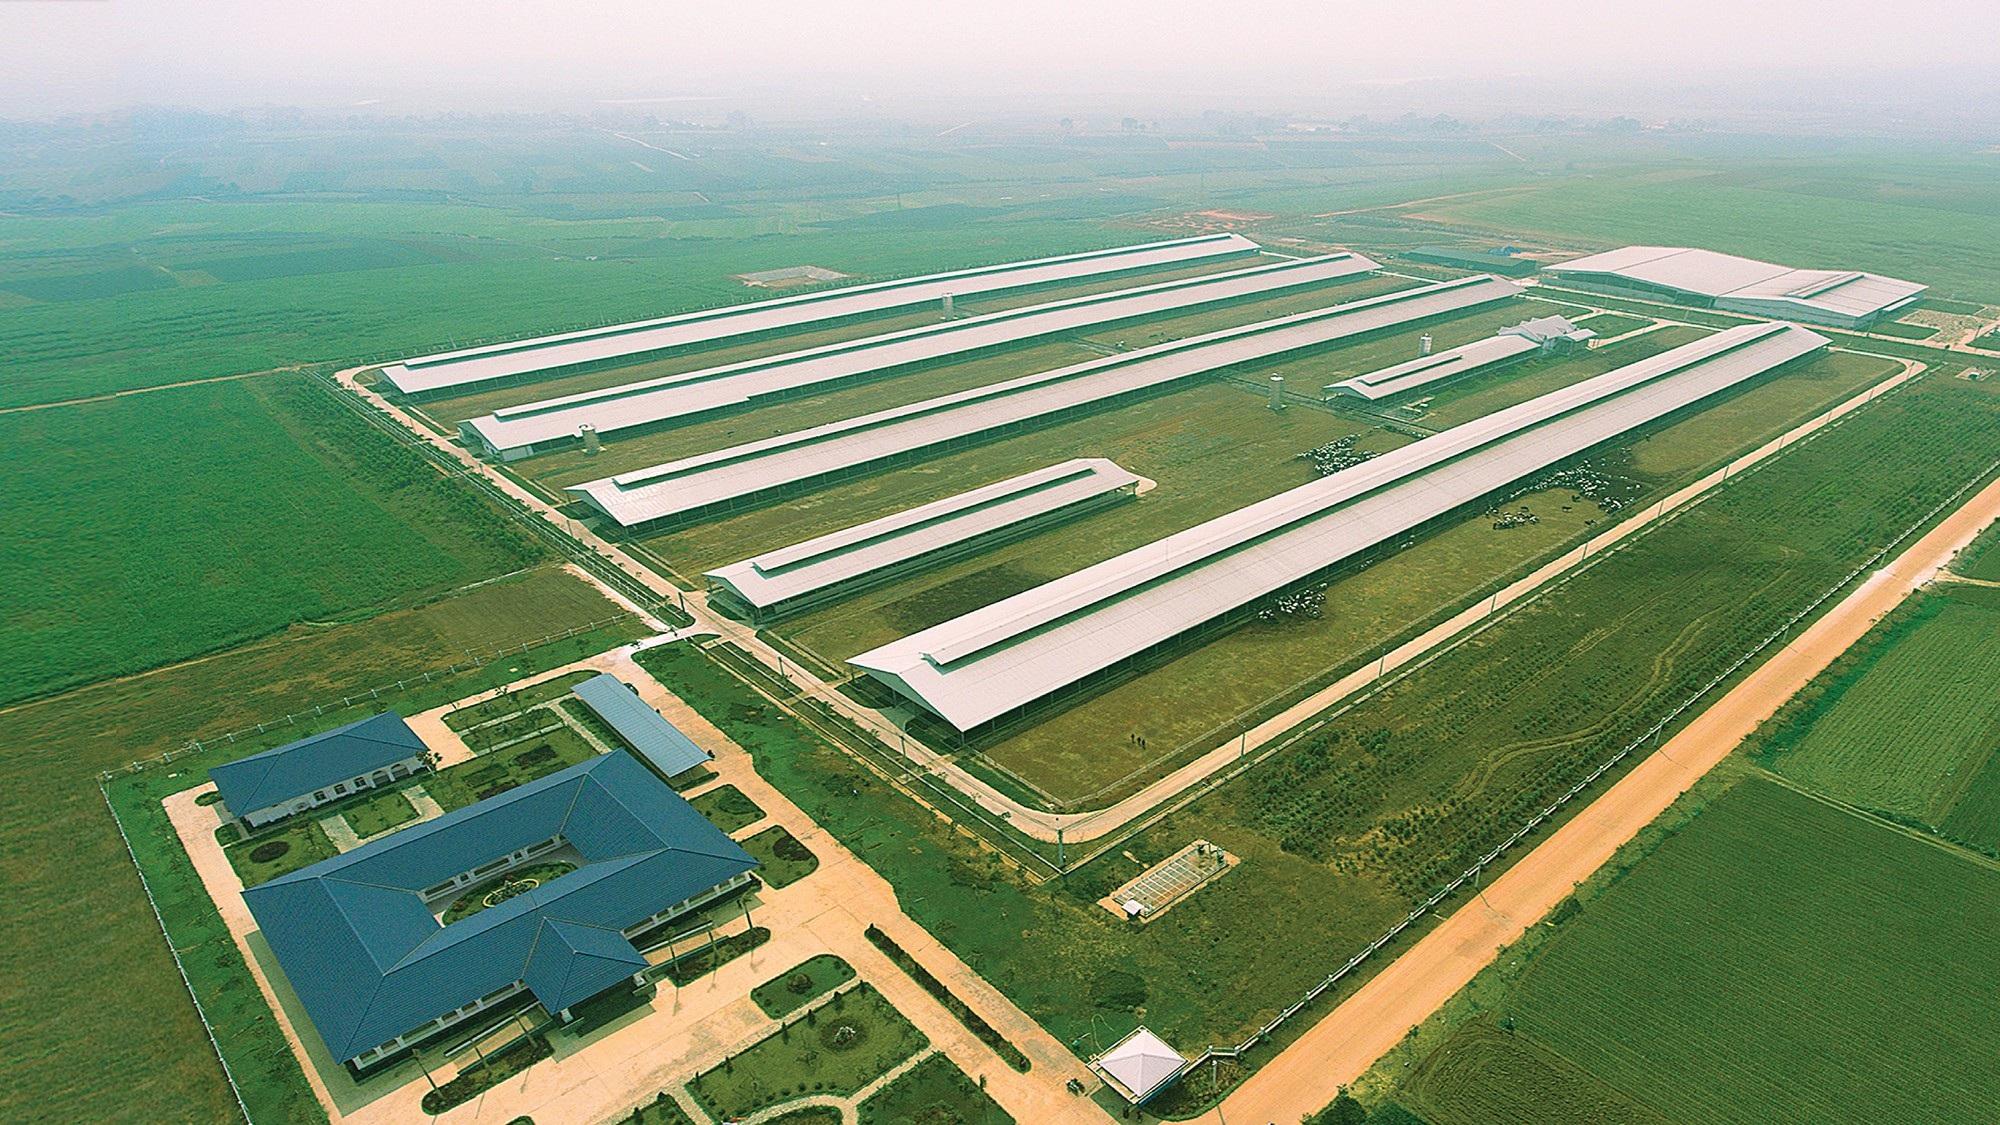 Tổ hợp trang trại bò sữa công nghệ cao Vinamilk tại Thanh Hóa